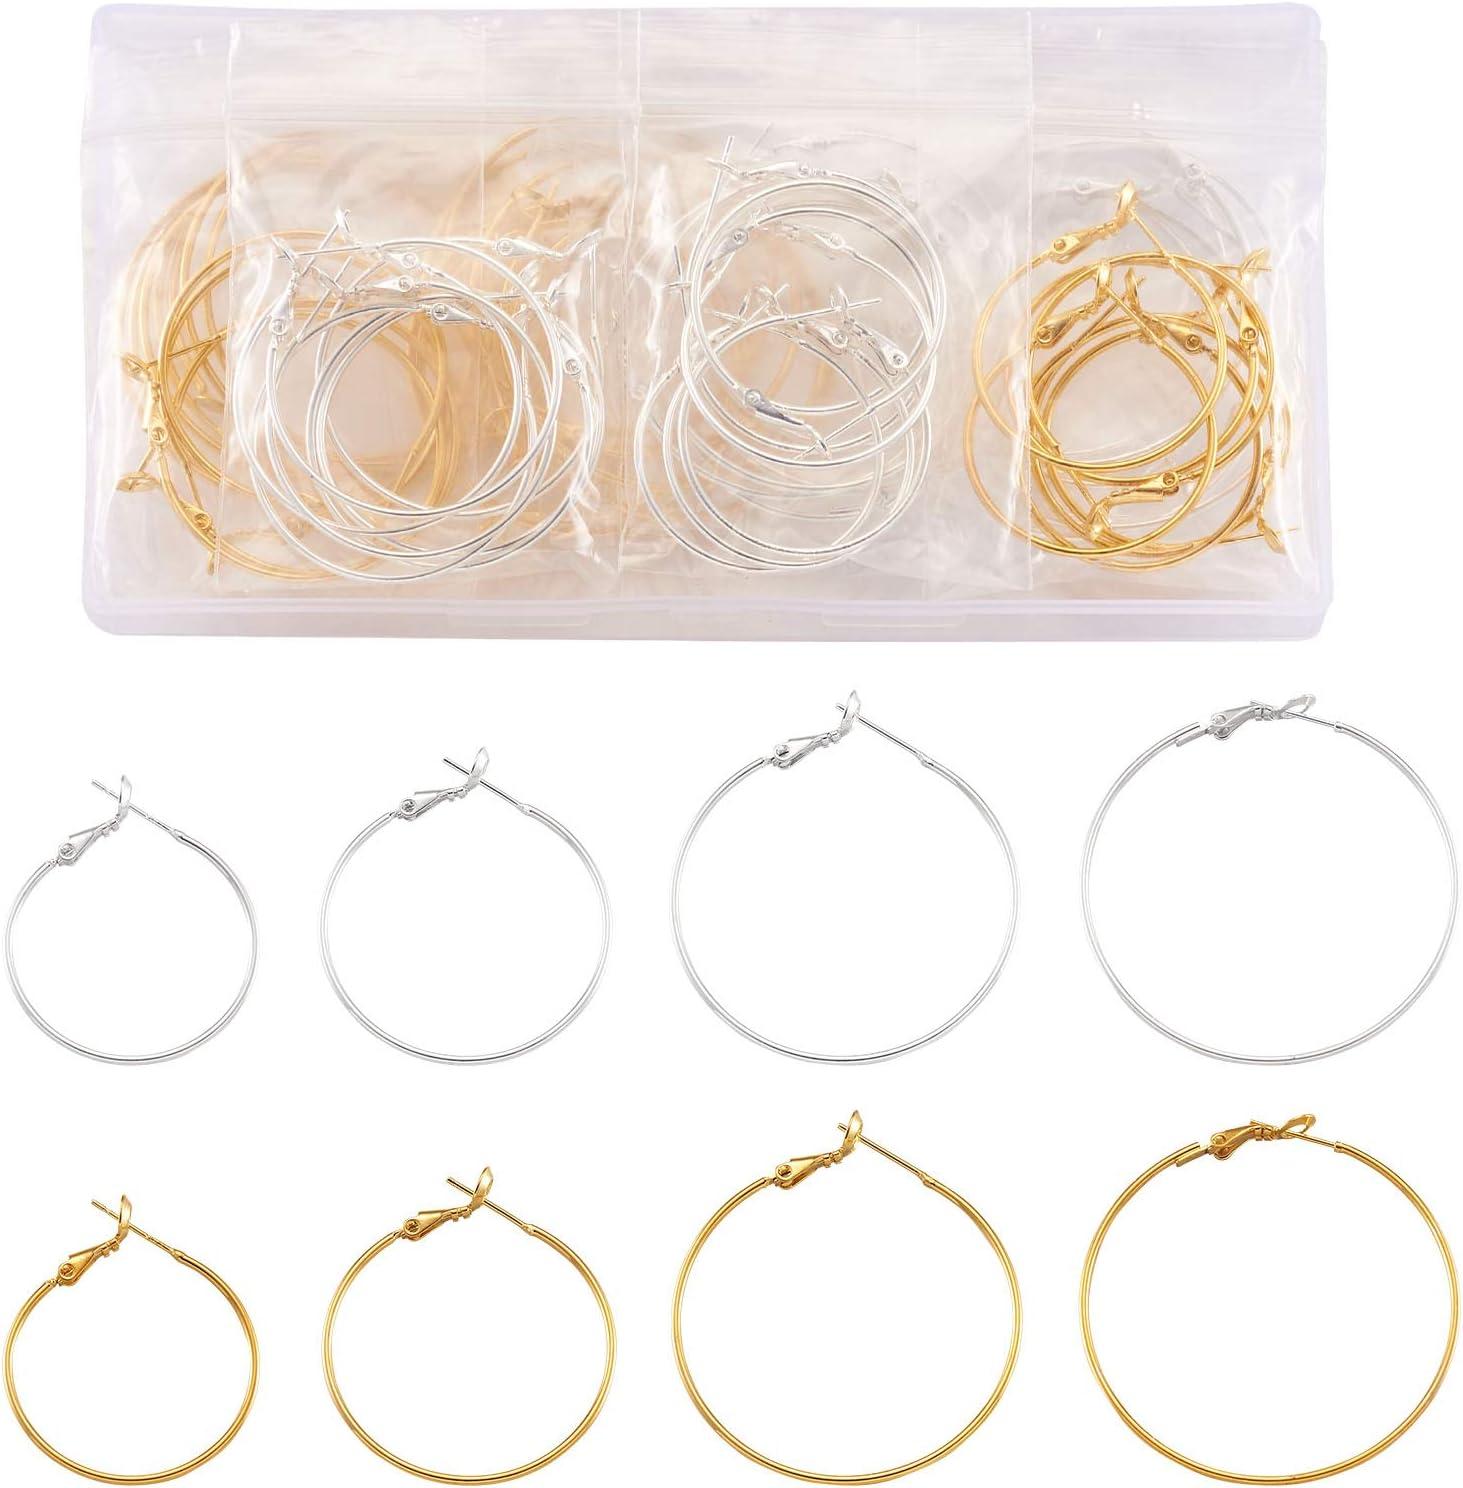 Cheriswelry 64 aros de latón con cuentas redondas de oro y plata redonda de círculo abierto para hacer joyas de bricolaje (30 mm/35 mm/40 mm/45 mm)